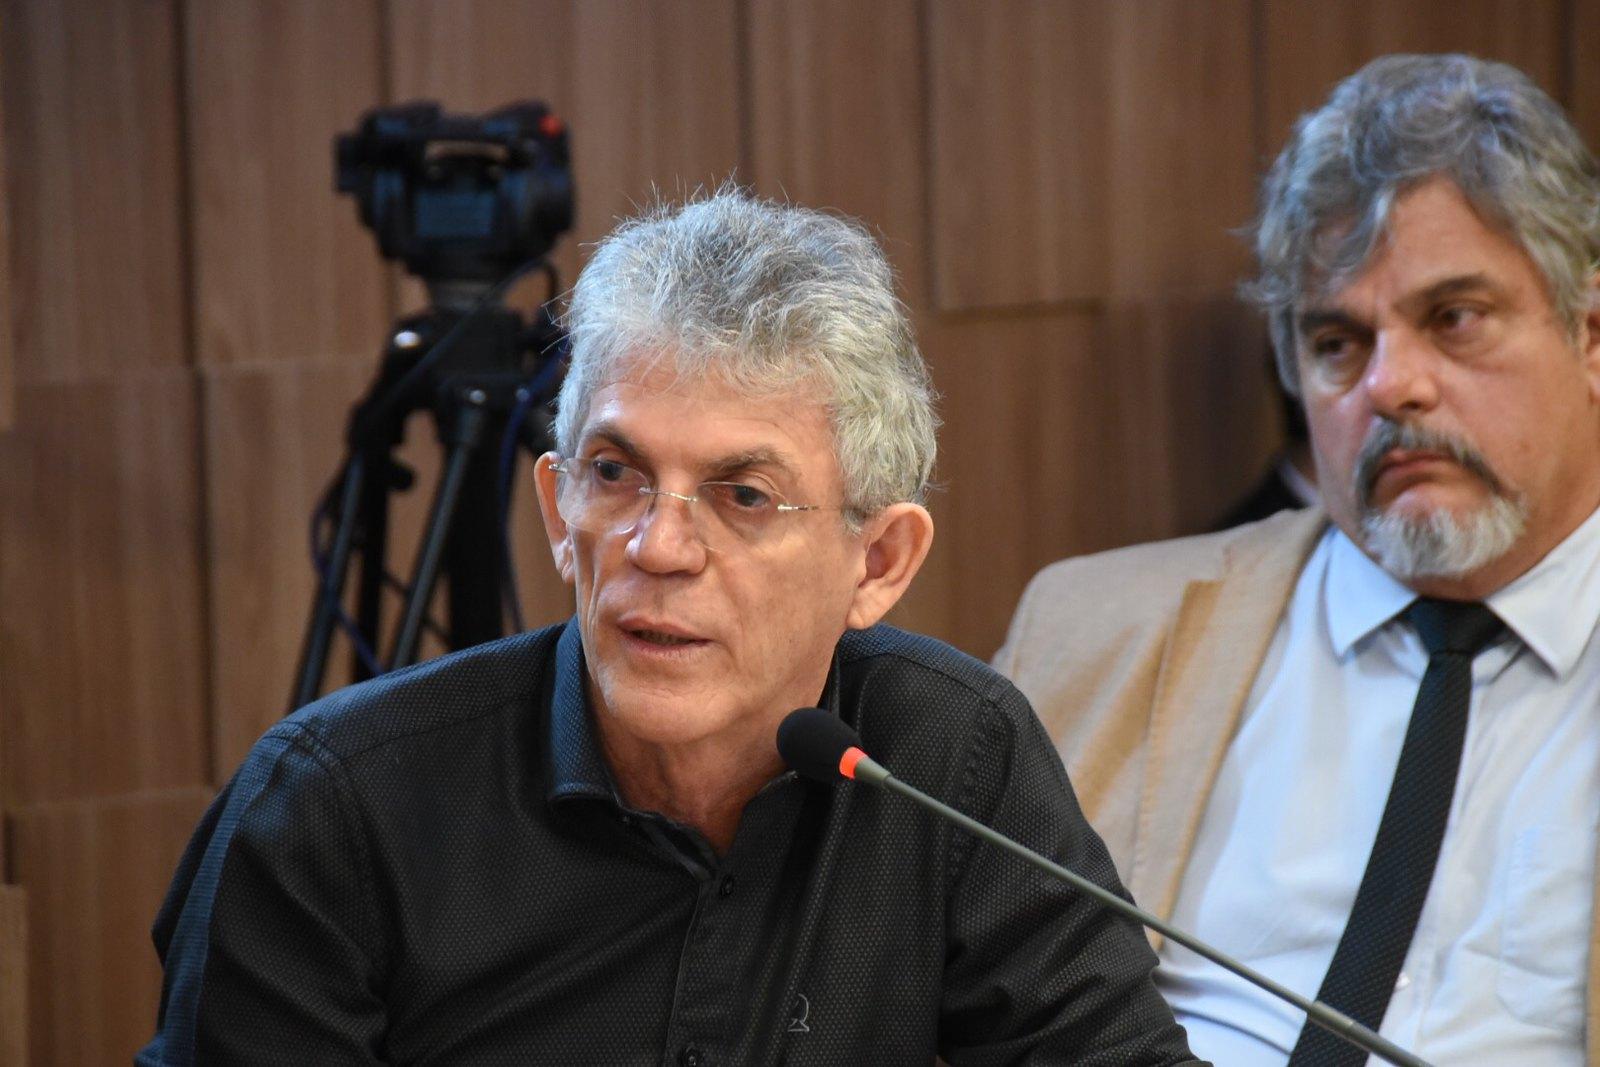 Com medo de sair às ruas, Ricardo Coutinho estaria morando em Recife e não viaja mais de avião